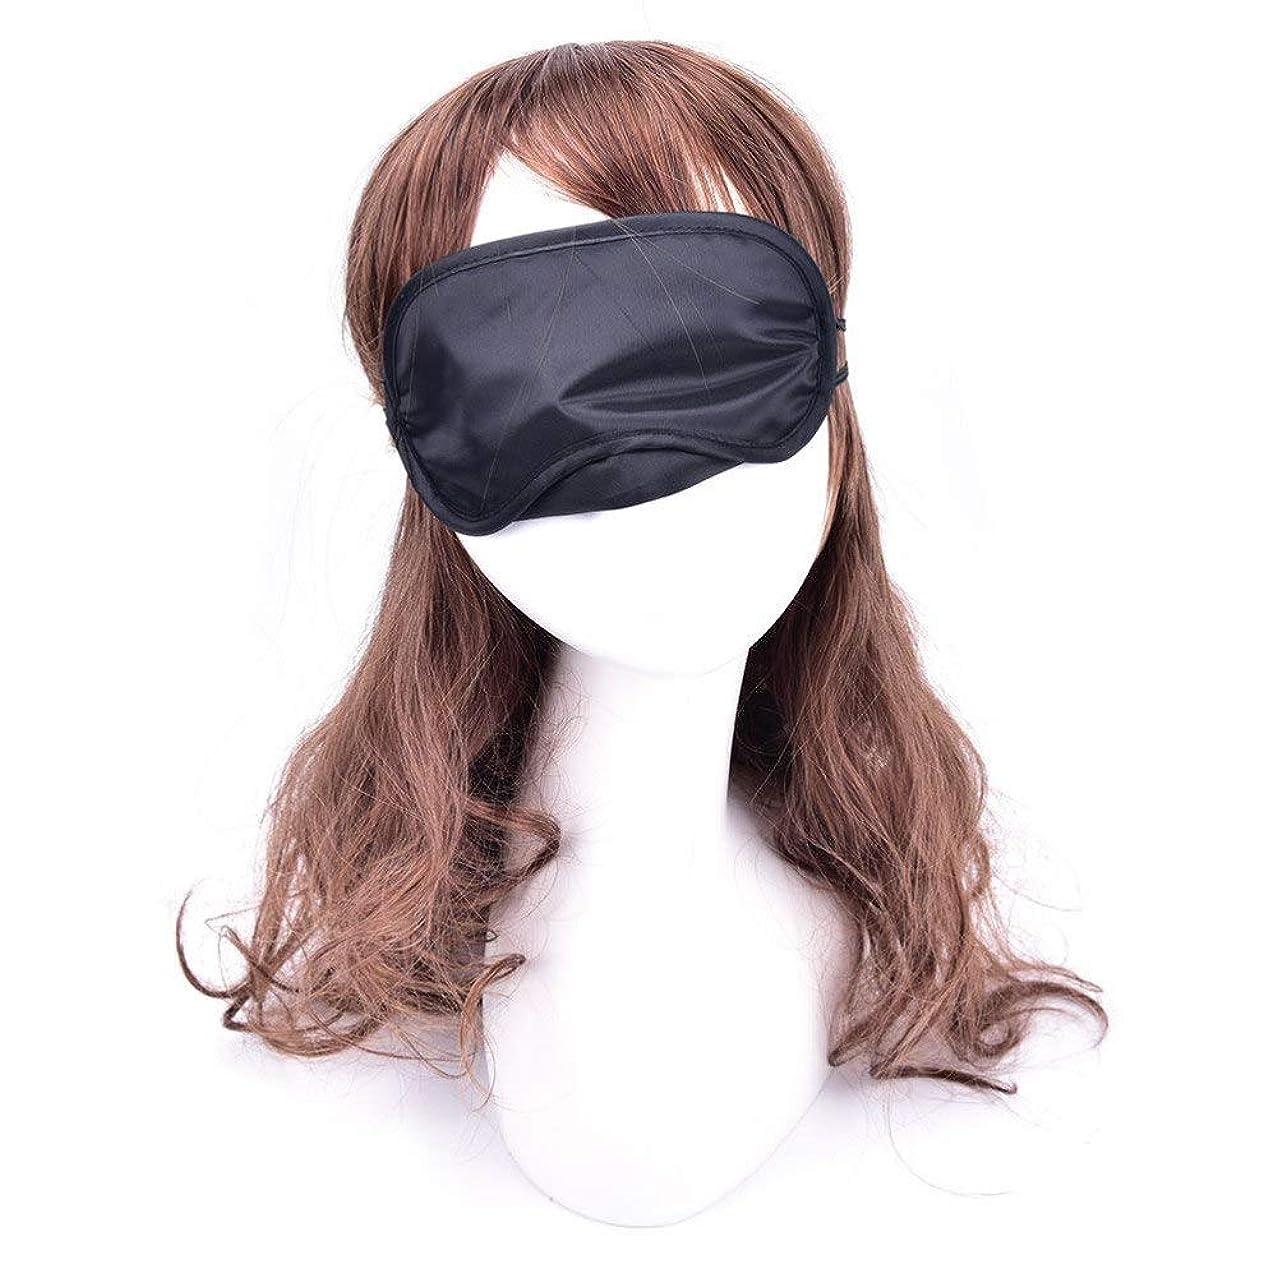 舗装する全能種をまくNOTE 10ピース旅行残り目睡眠マスクサテン目隠しアイシェード仮眠カバー目隠し睡眠ソフトアイマスクシェードカバー